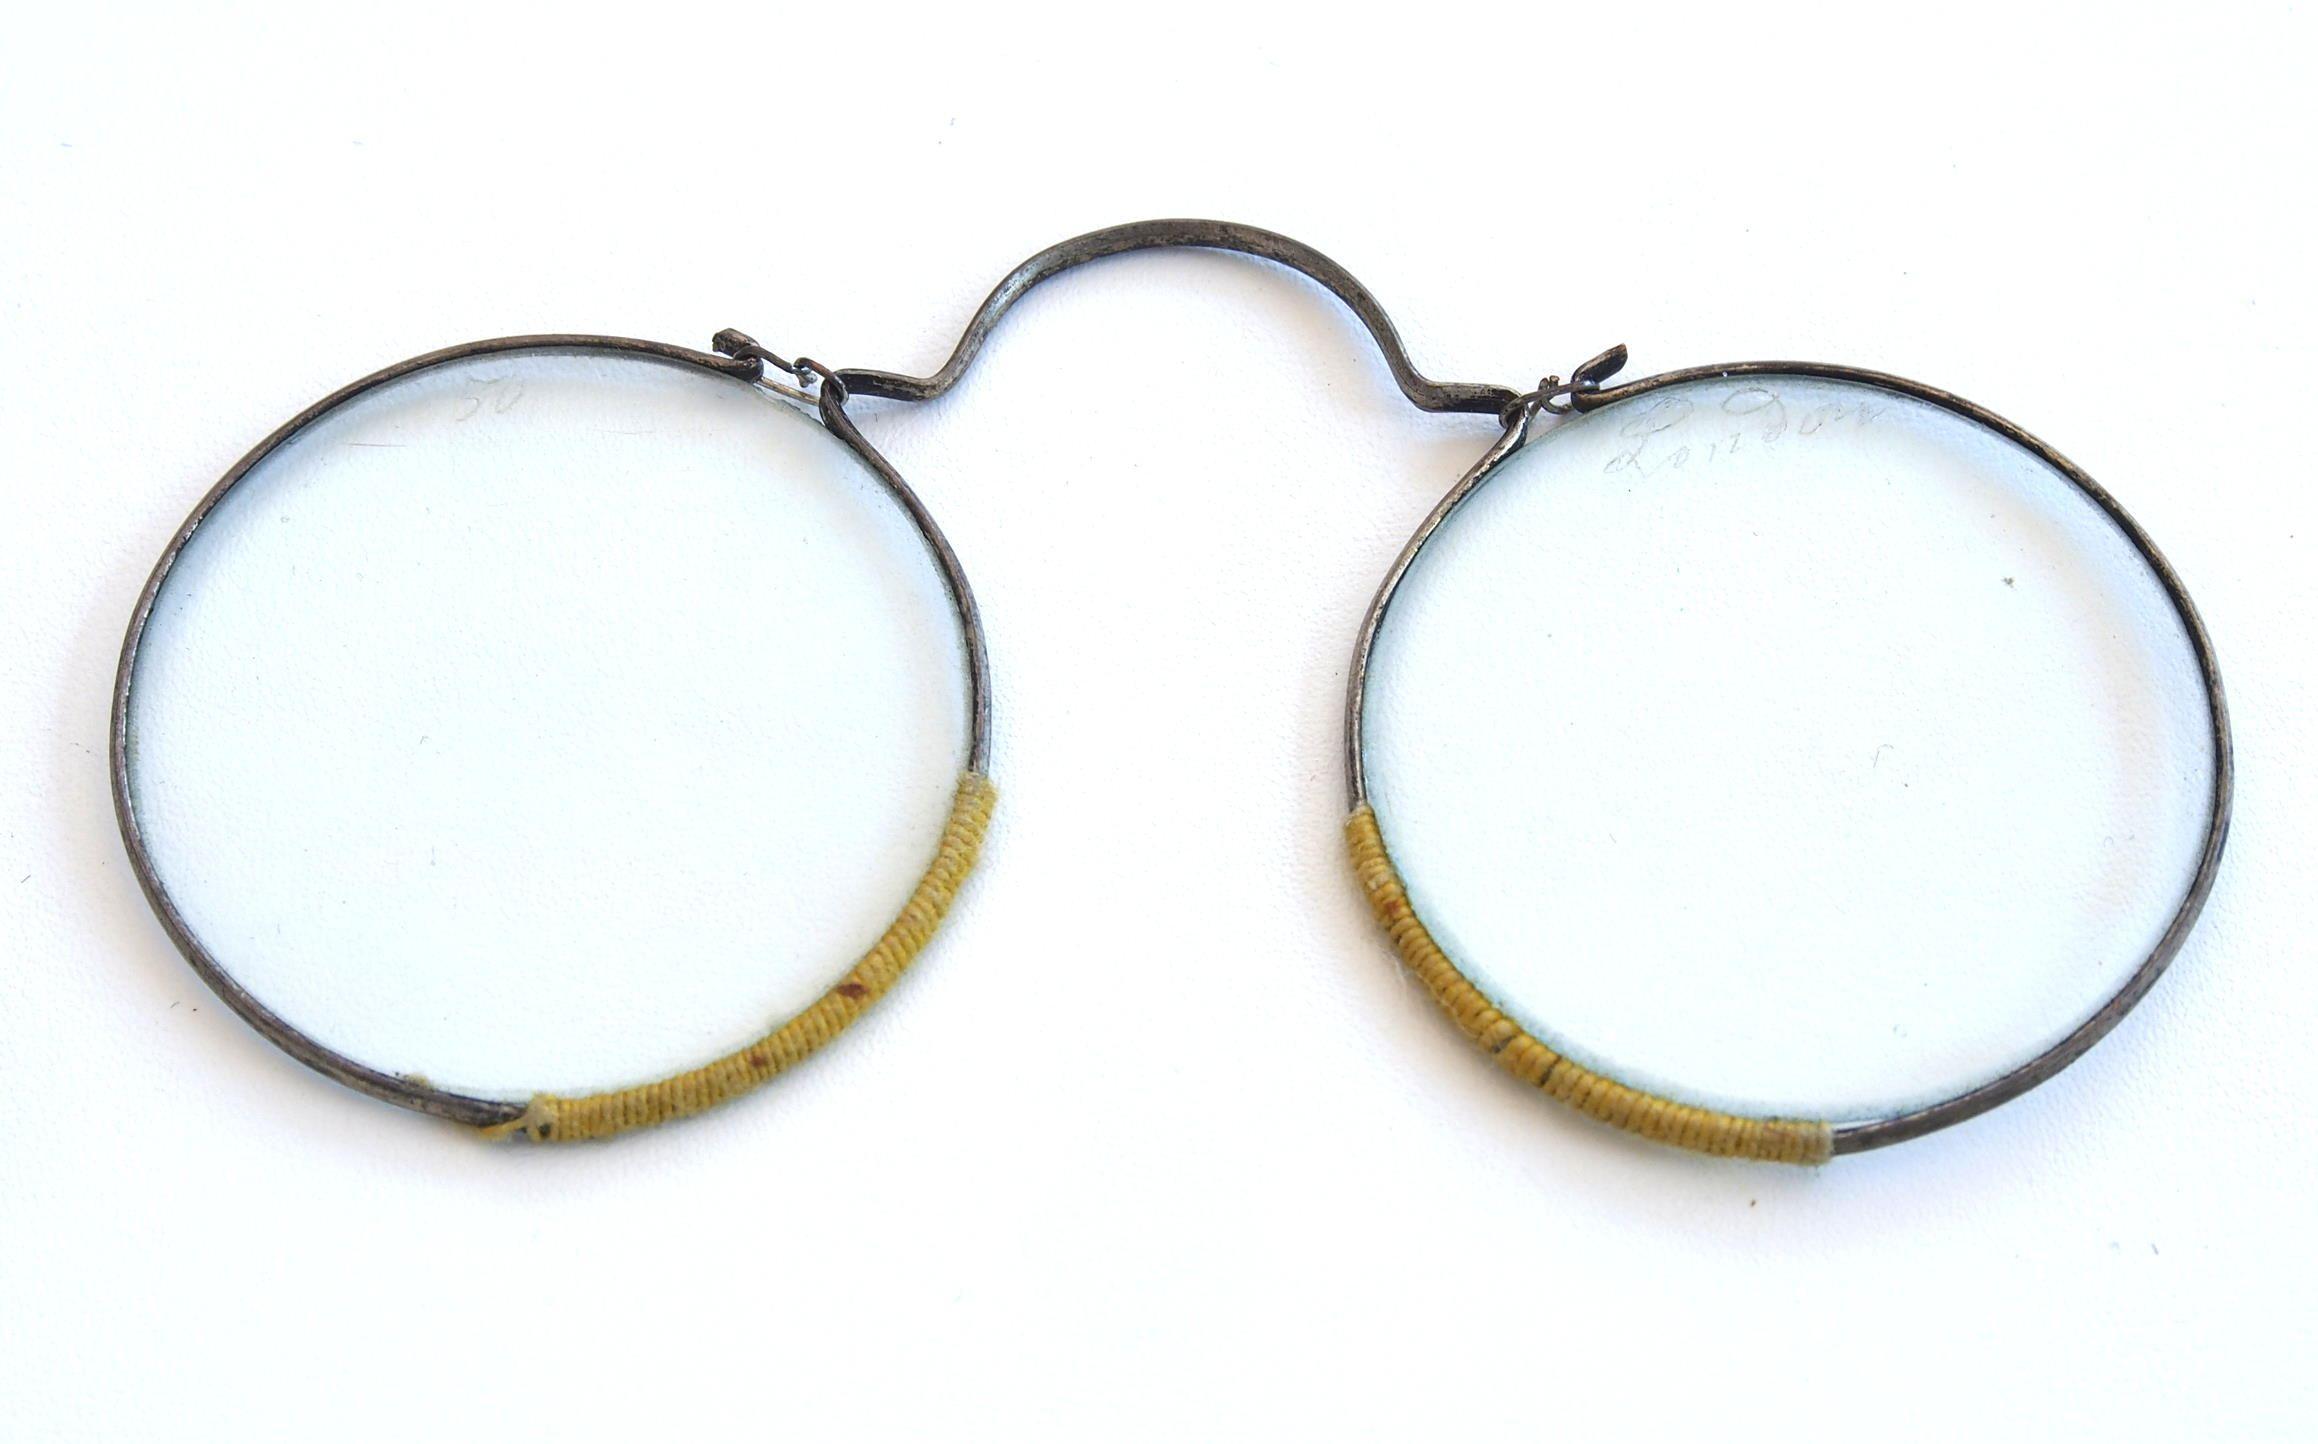 Nuernberger Drahtbrille  17.Jahrhundert aus dem Brillenmuseum